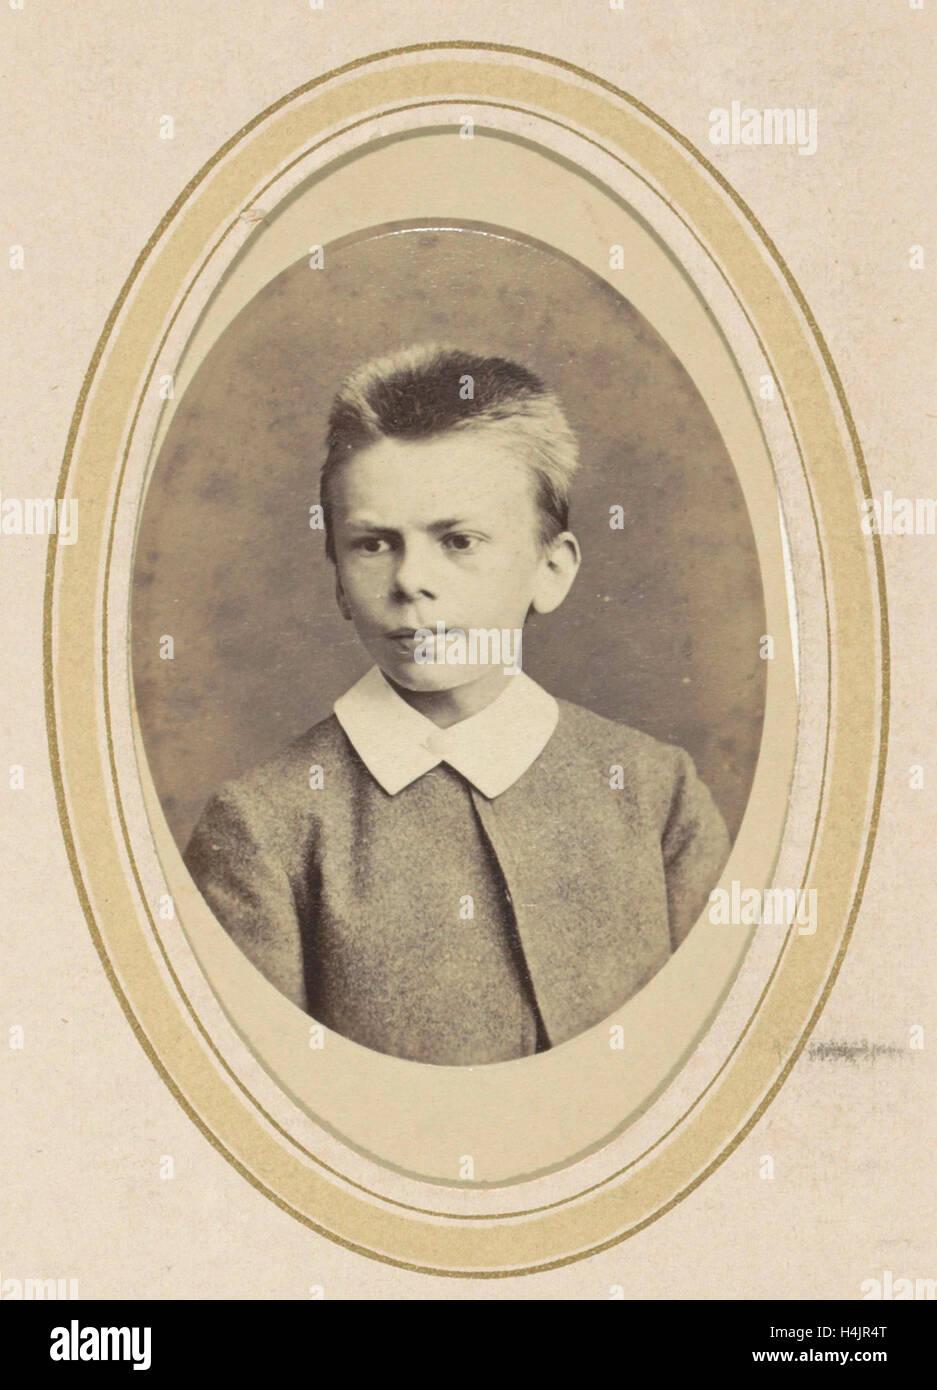 Ritratto di un ragazzo con un colletto bianco, J.C. Reesinck, 1866 - c. 1900 Immagini Stock